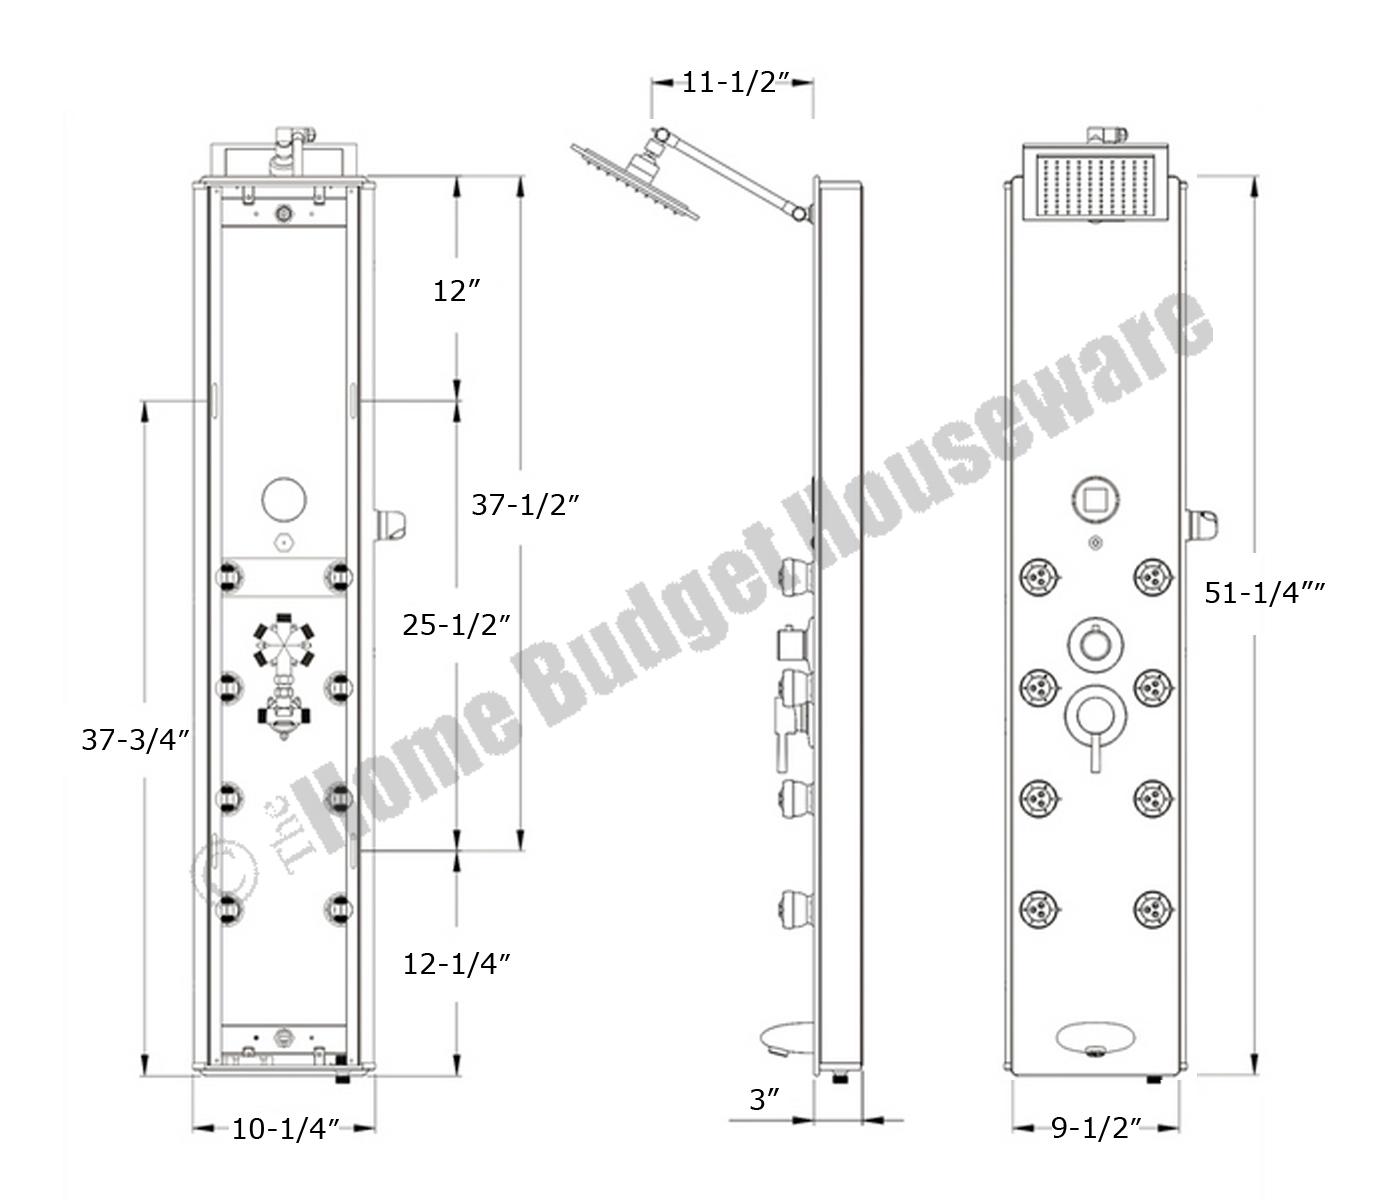 Aluminum Rainfall Shower Panel Tower Tub Faucet Spout 8